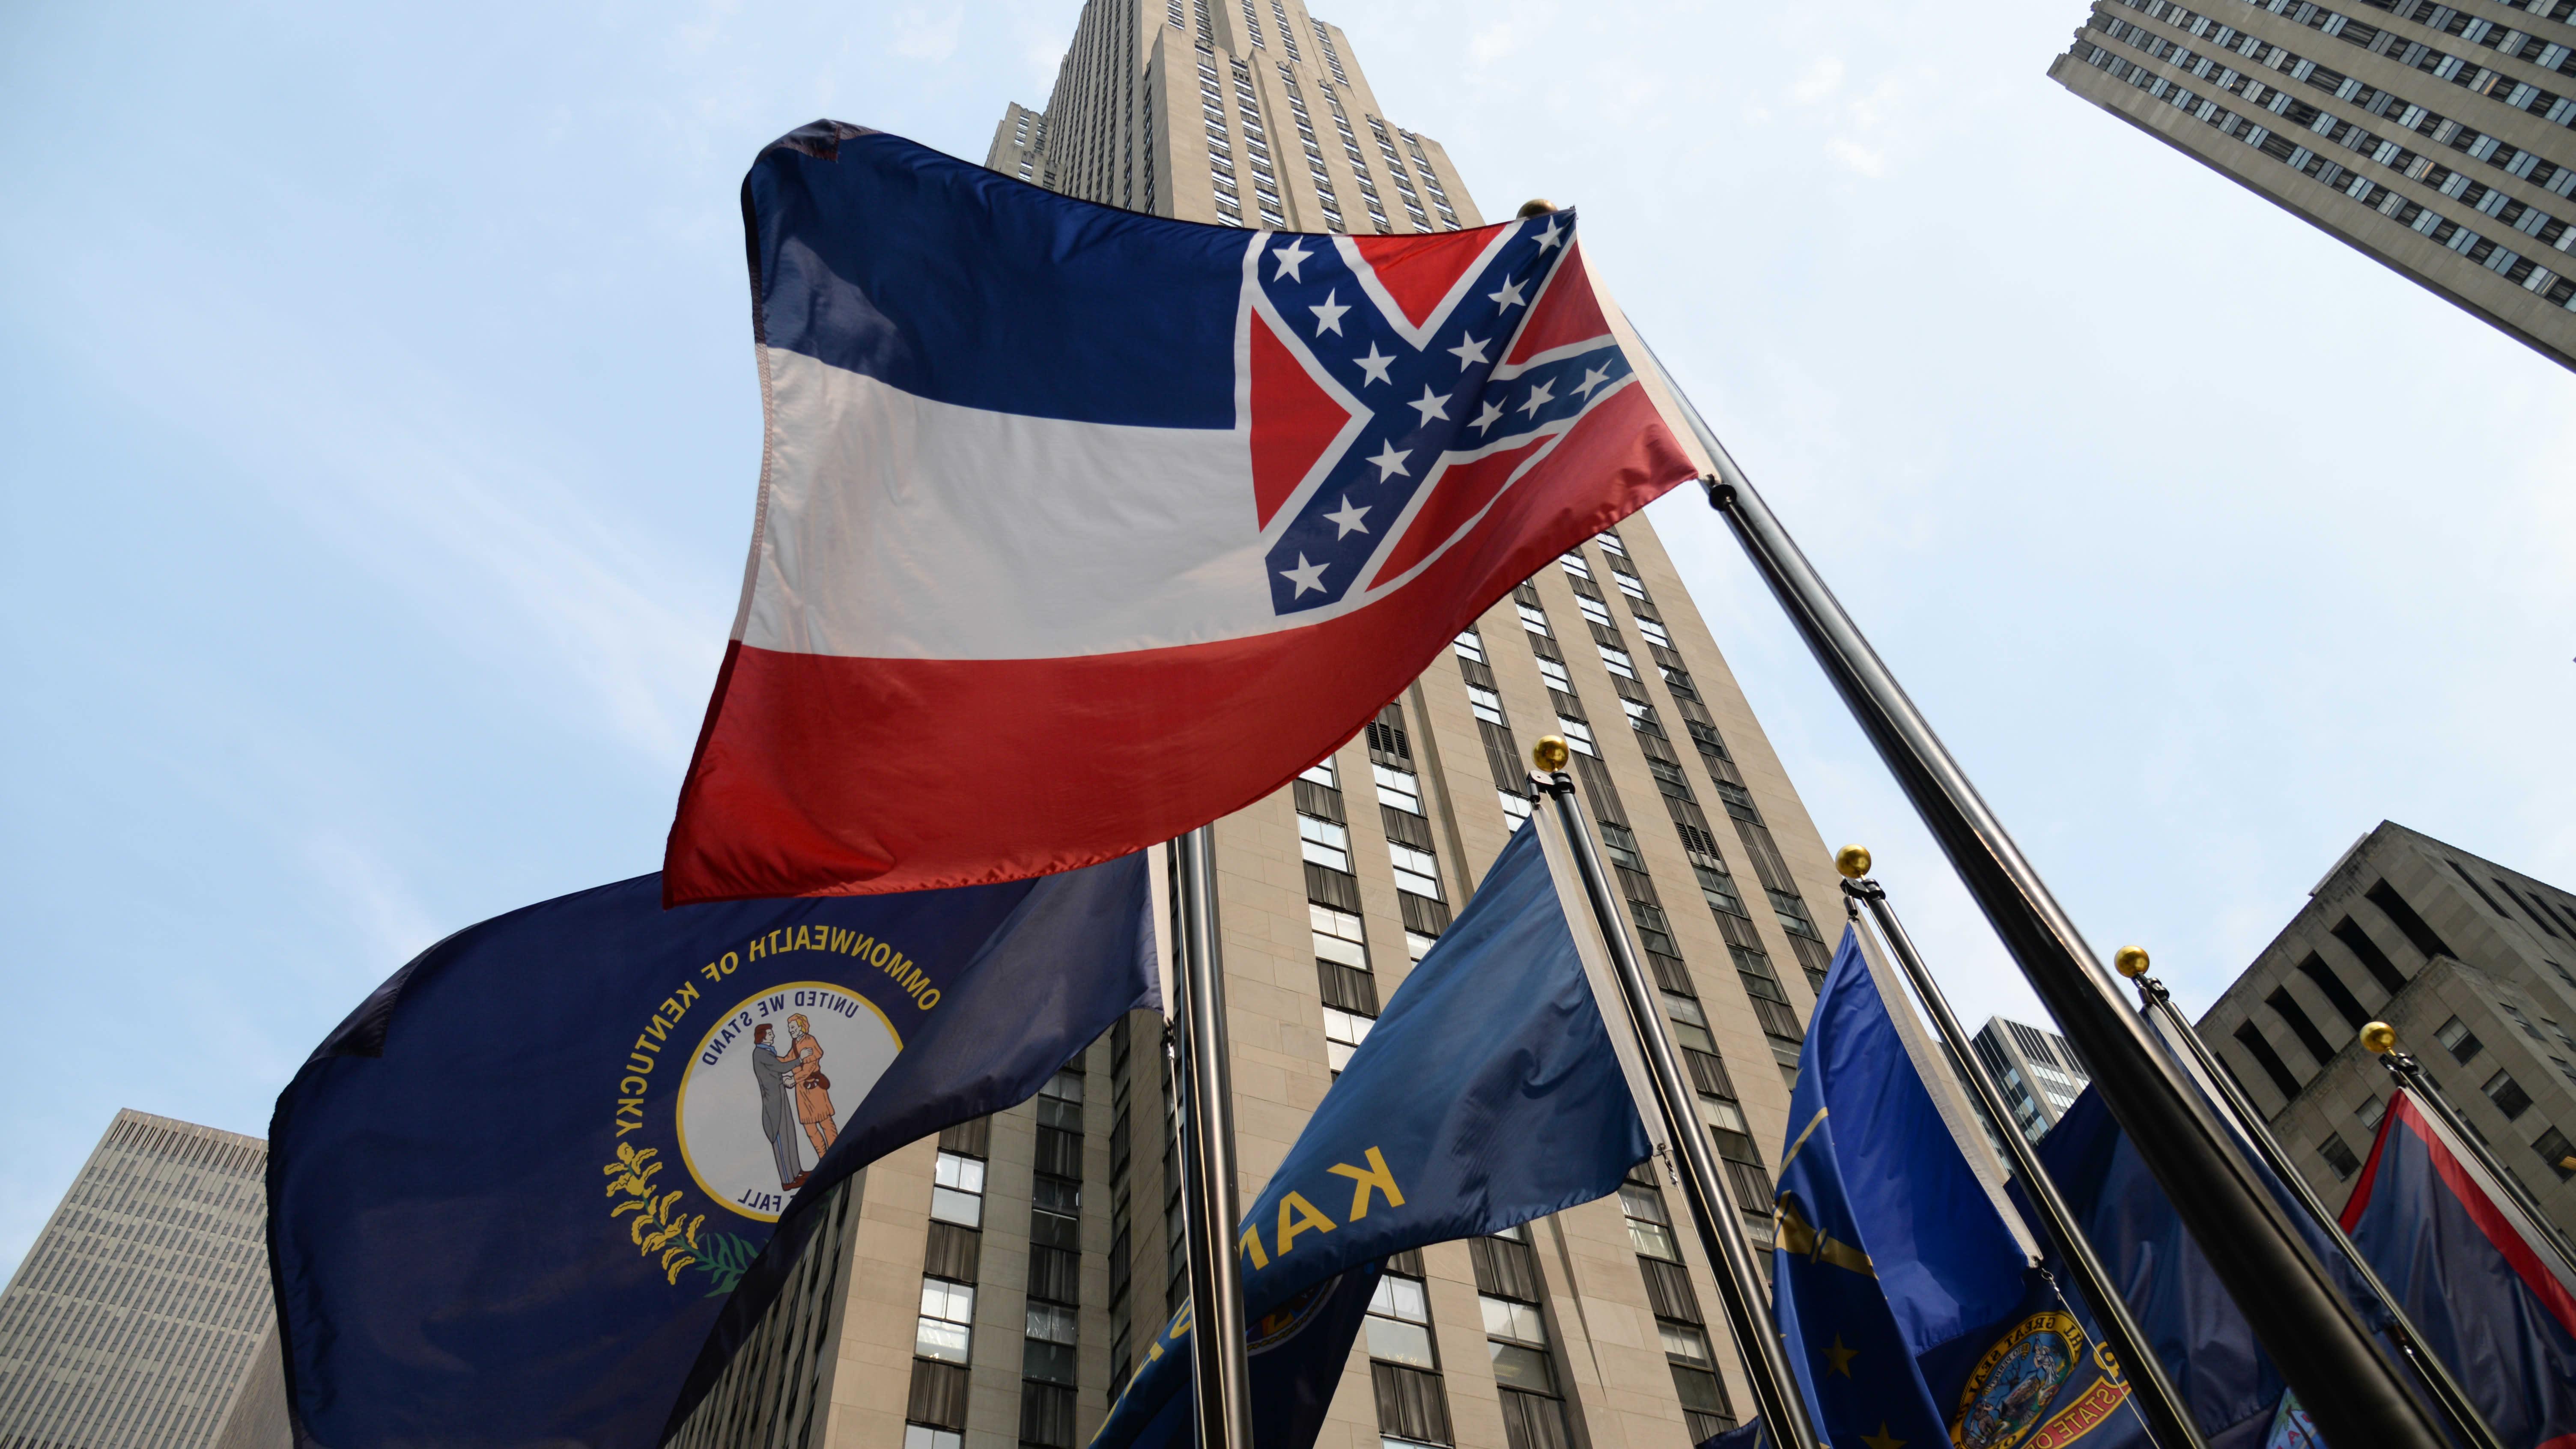 Arkistokuva Mississippin osavaltion lipusta vuodelta 2015.